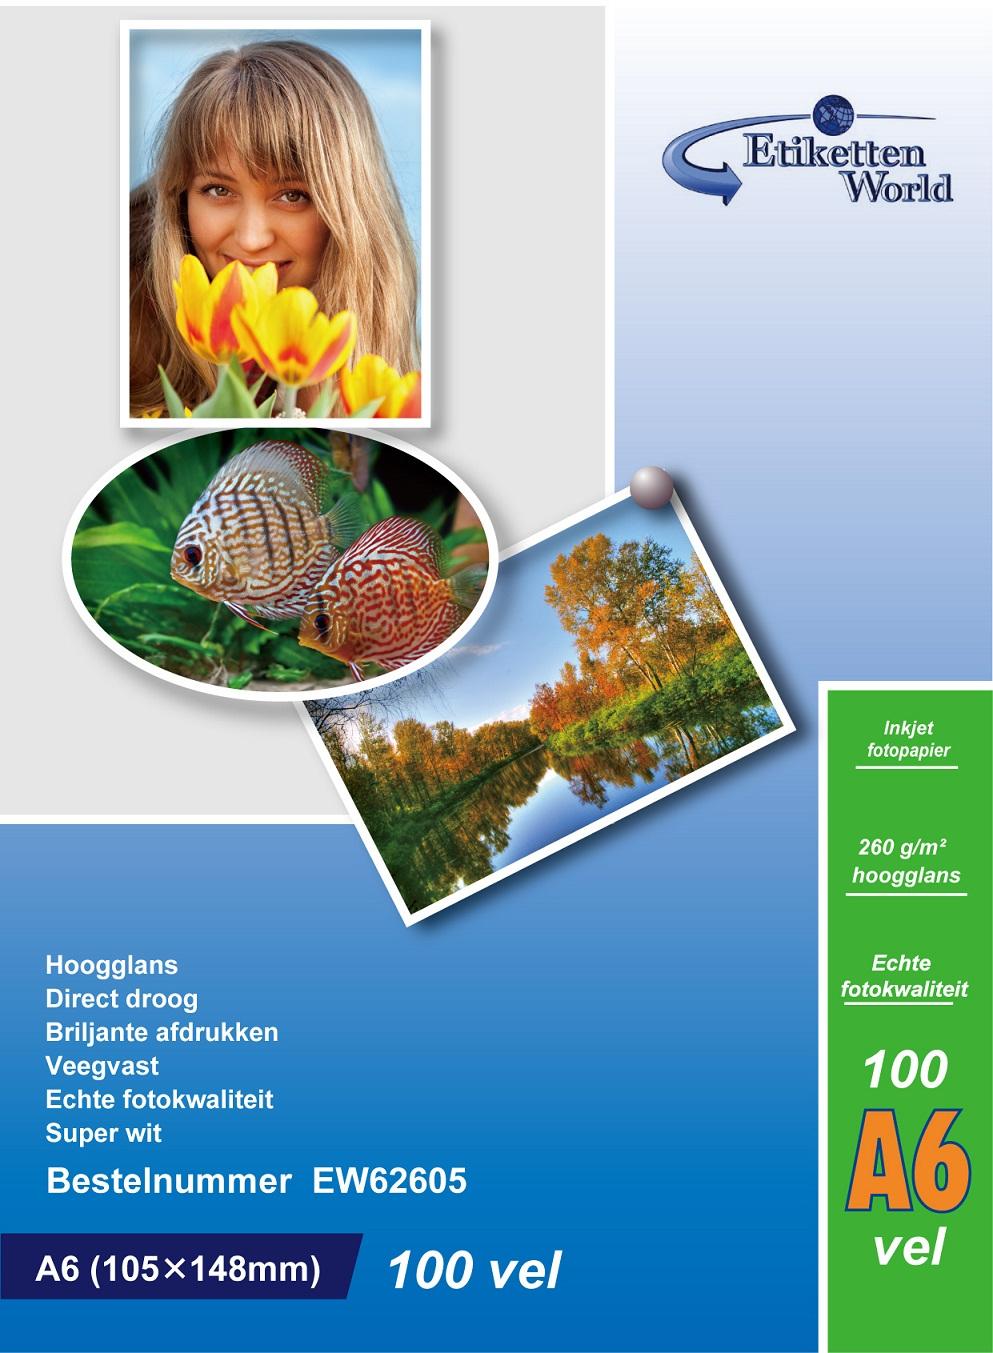 EtikettenWorld BV Fotopapier A6 260g/qm High Glossy und wasserfest